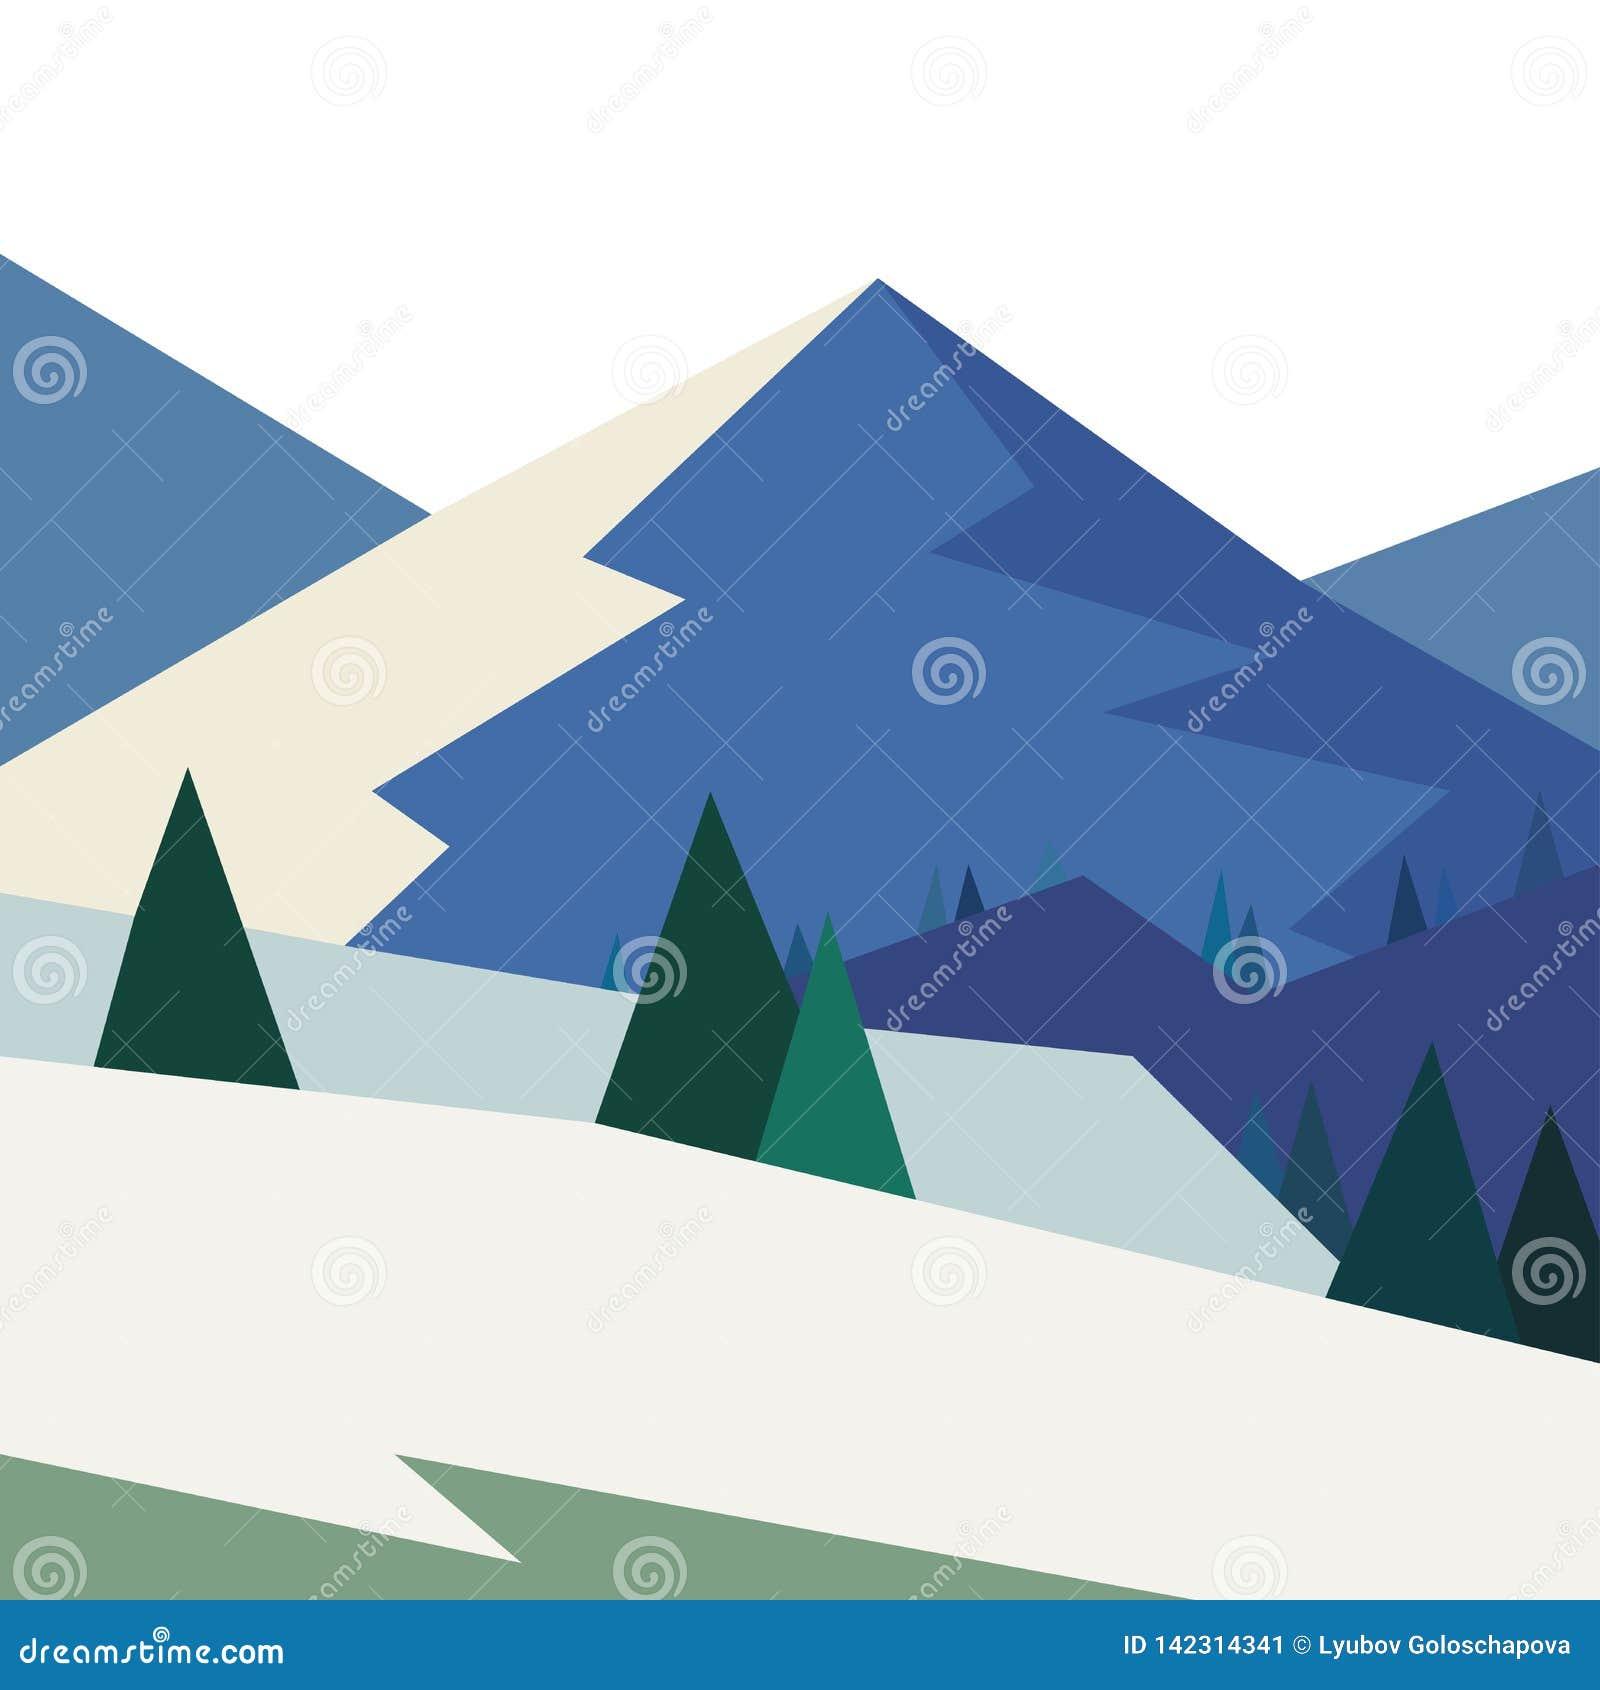 Ландшафт зимы с горами в геометрическом стиле